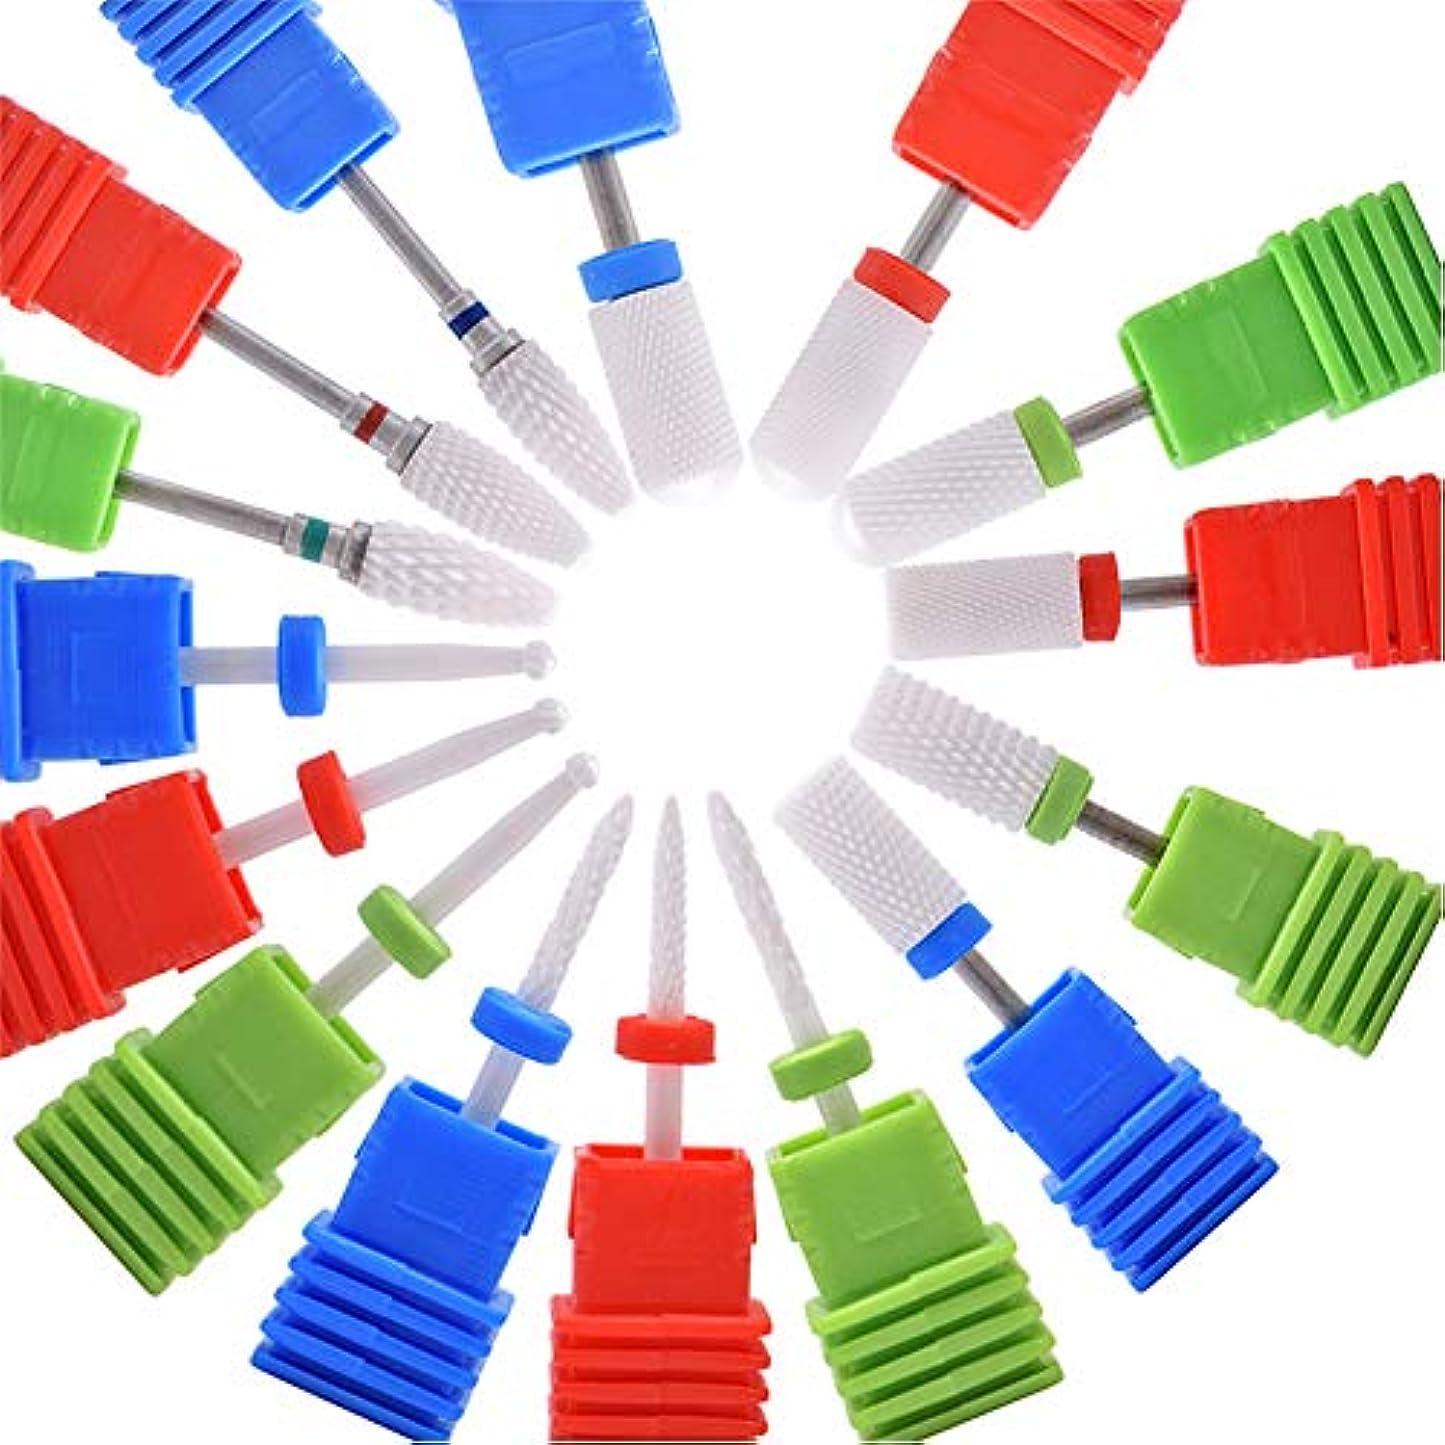 始めるである所持Oral Dentistry ネイルアート ドリルビット 研削ヘッド 研磨ヘッド ネイル グラインド ヘッド 爪 磨き 研磨 研削 セラミック 全3色 15種類